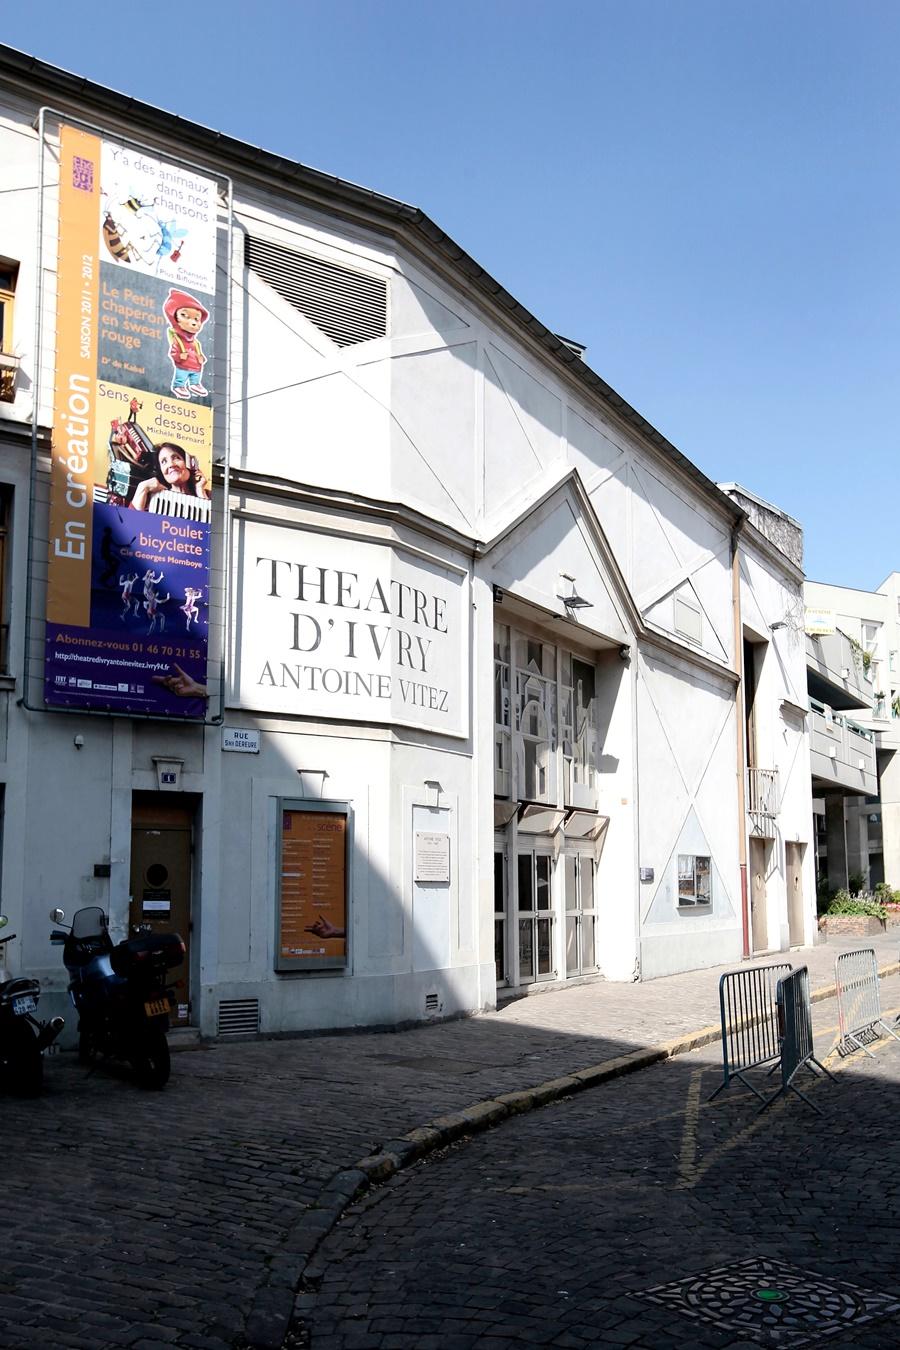 Theatre-antoine-vitez-2